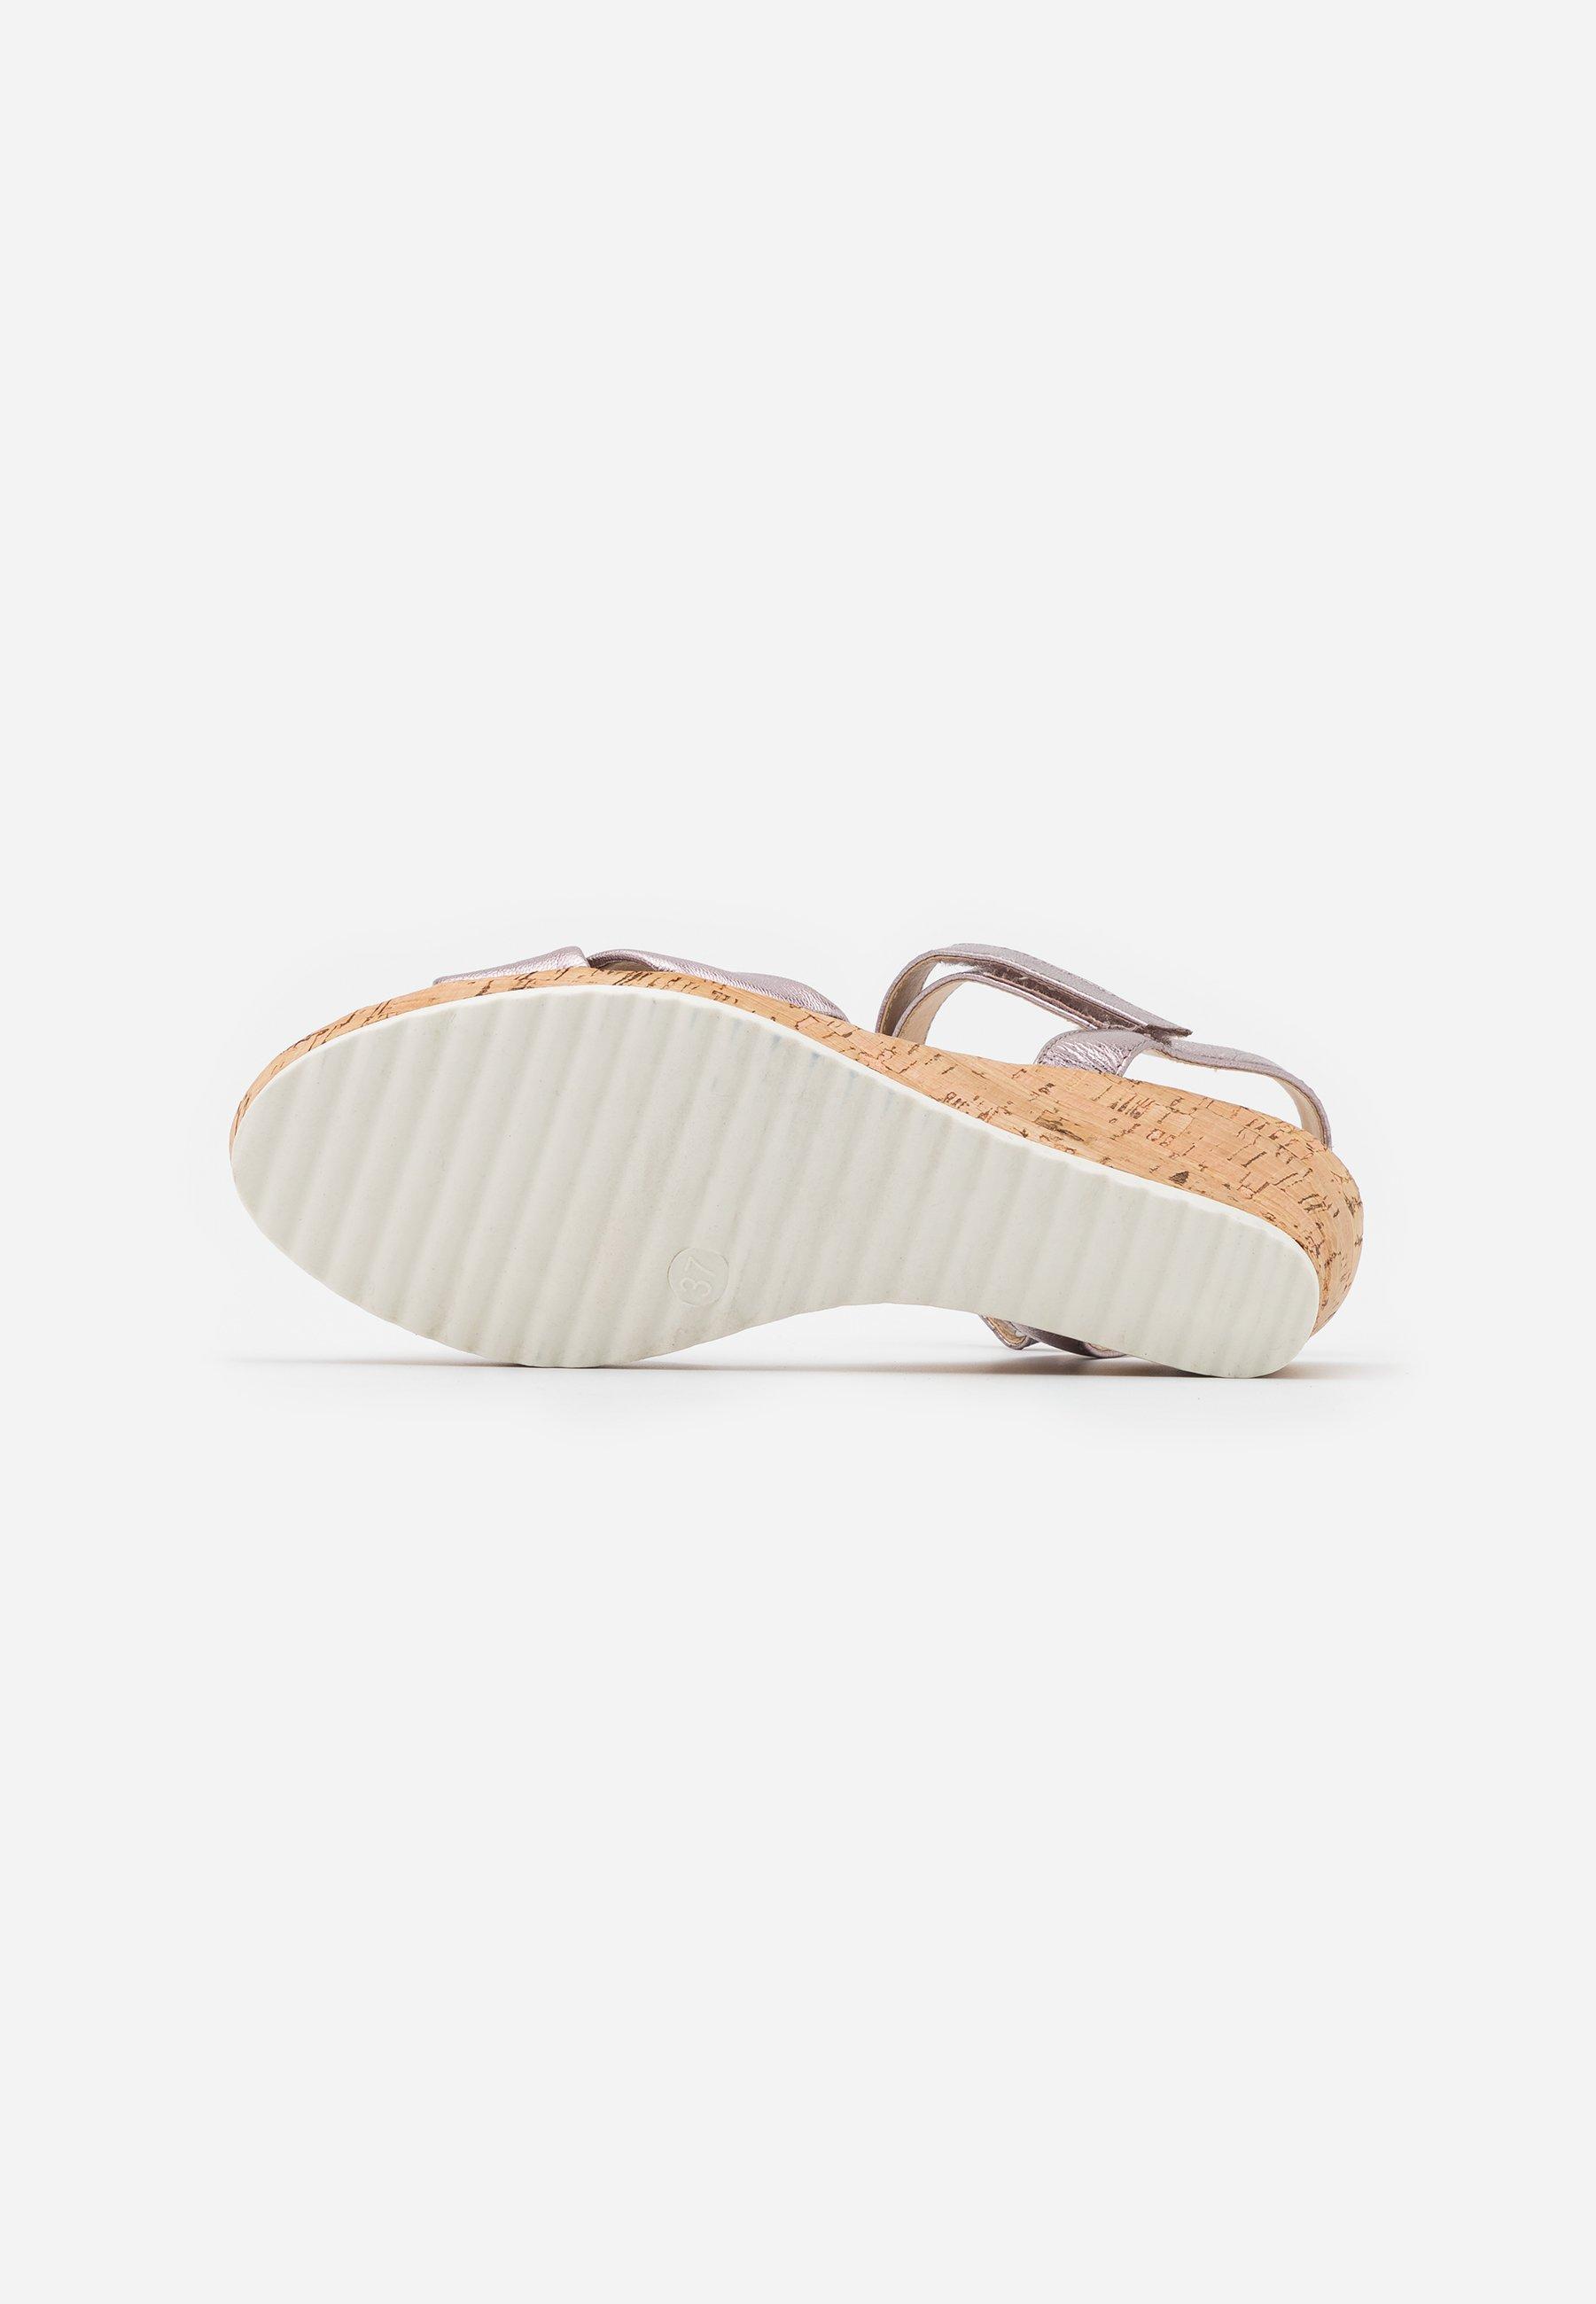 Caprice Sandales à plateforme - soft pink metallic - Sandales & Nu-pieds femme Classique